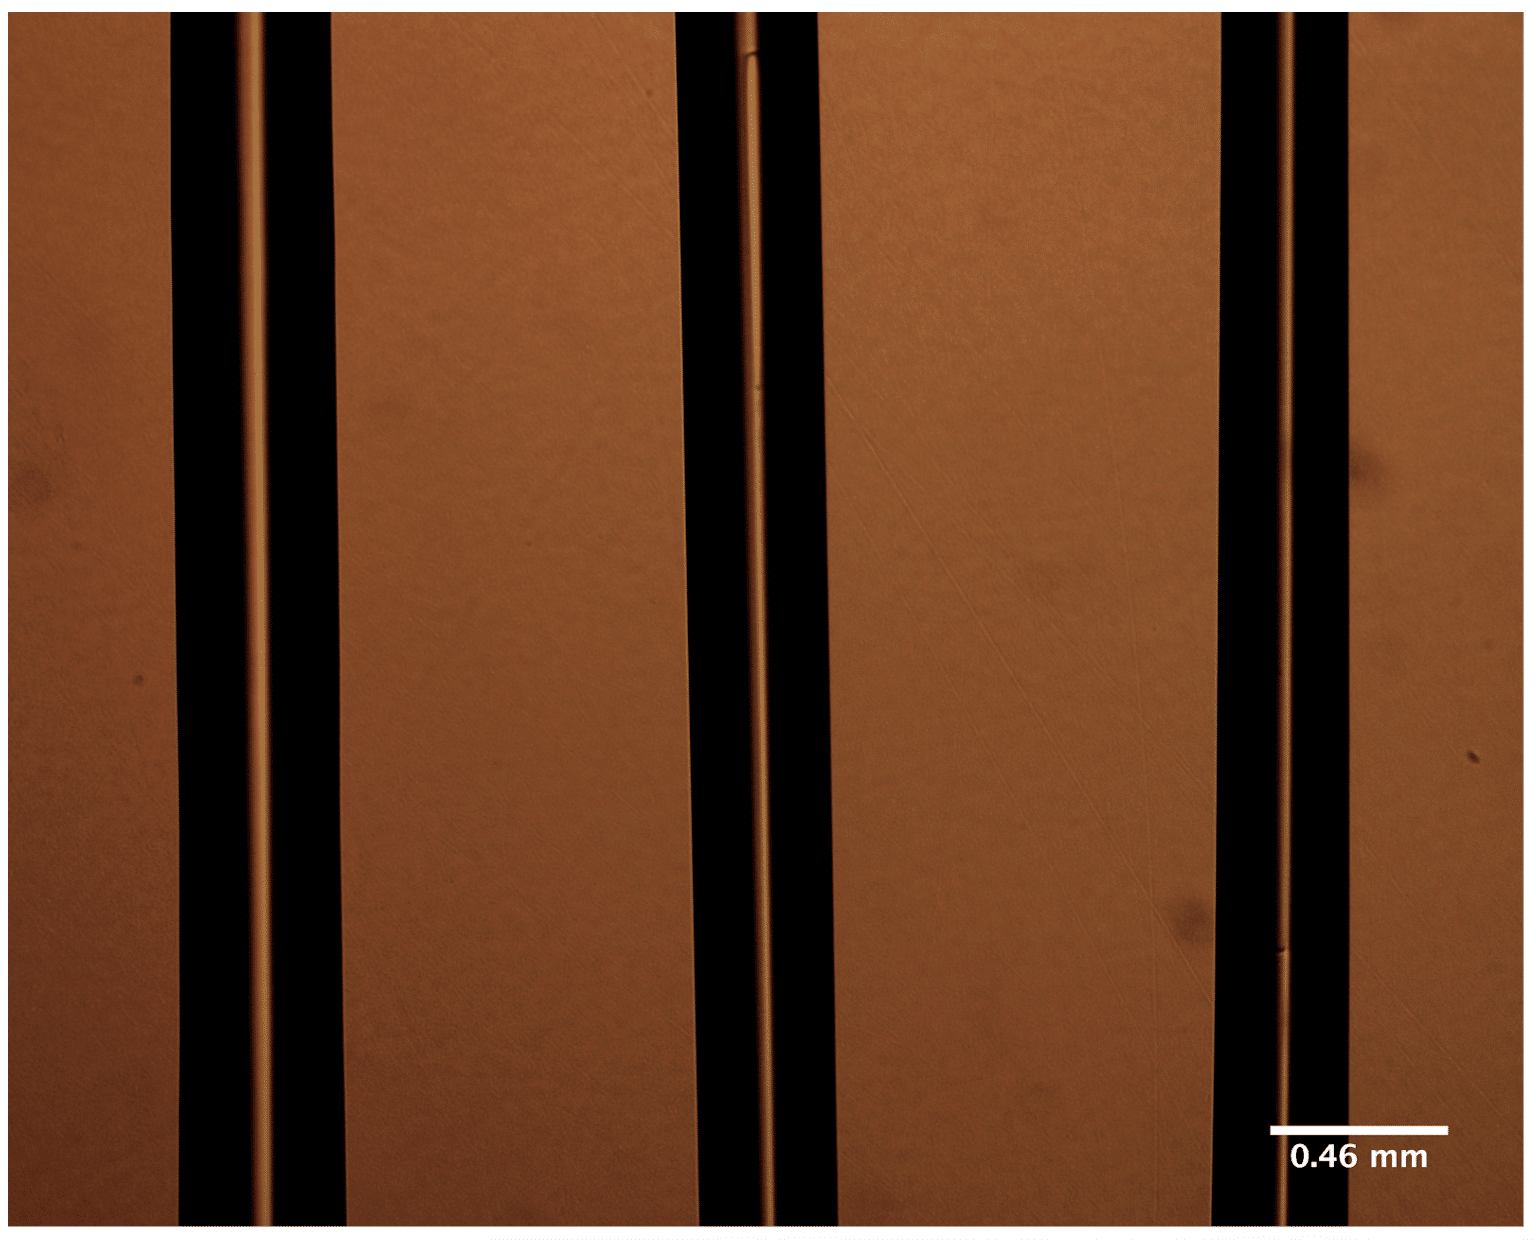 Bioprinting Hard Tissues Using PLGA